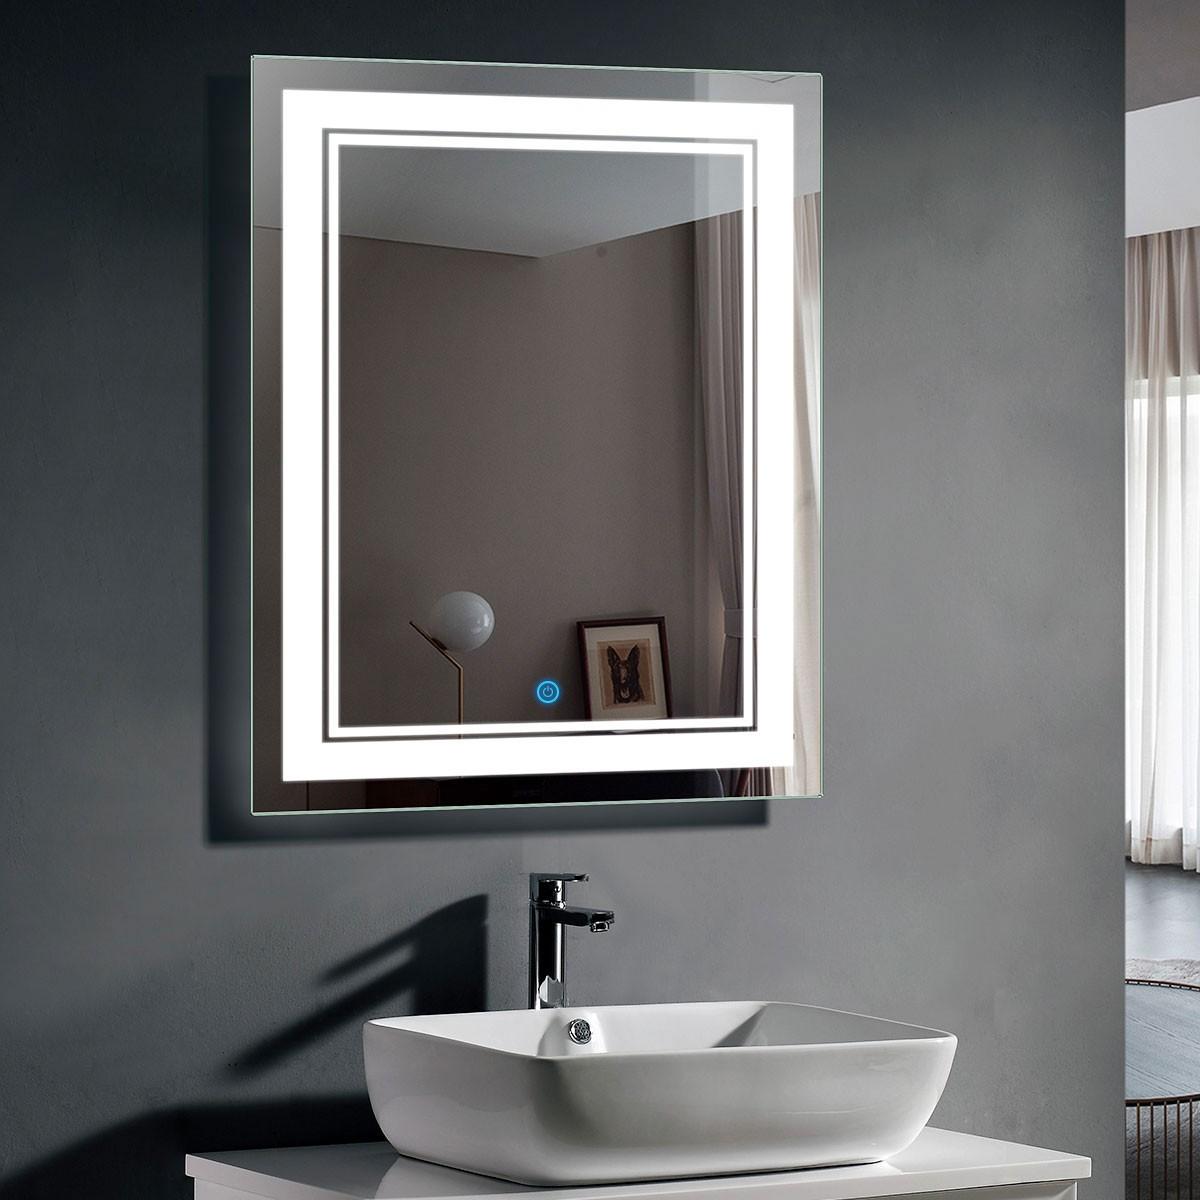 DECORAPORT 28 x 36 Po Miroir de Salle de Bain LED/Miroir Chambre avec Bouton Tactile, Luminosité Réglable, Montage Vertical & Horizontal (CK160-2836)